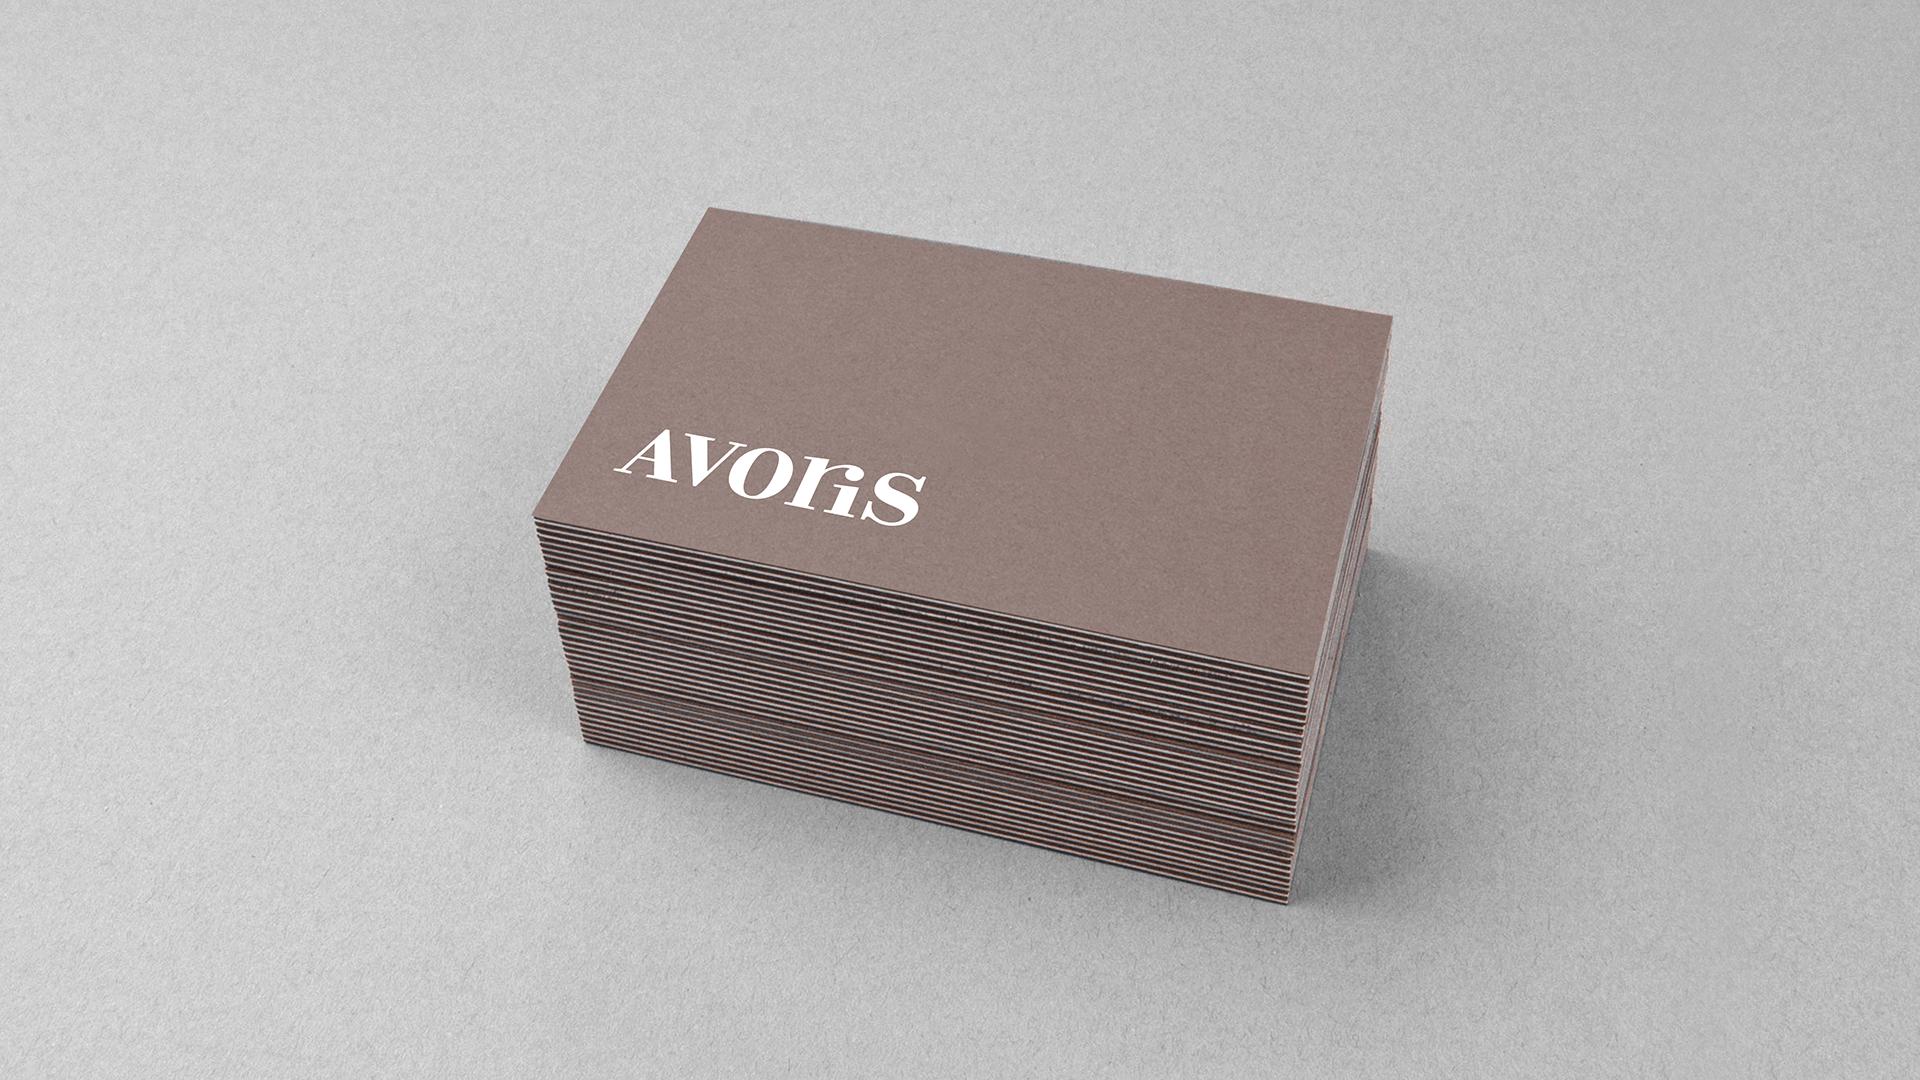 Ref Avoris Markenentwicklung 3